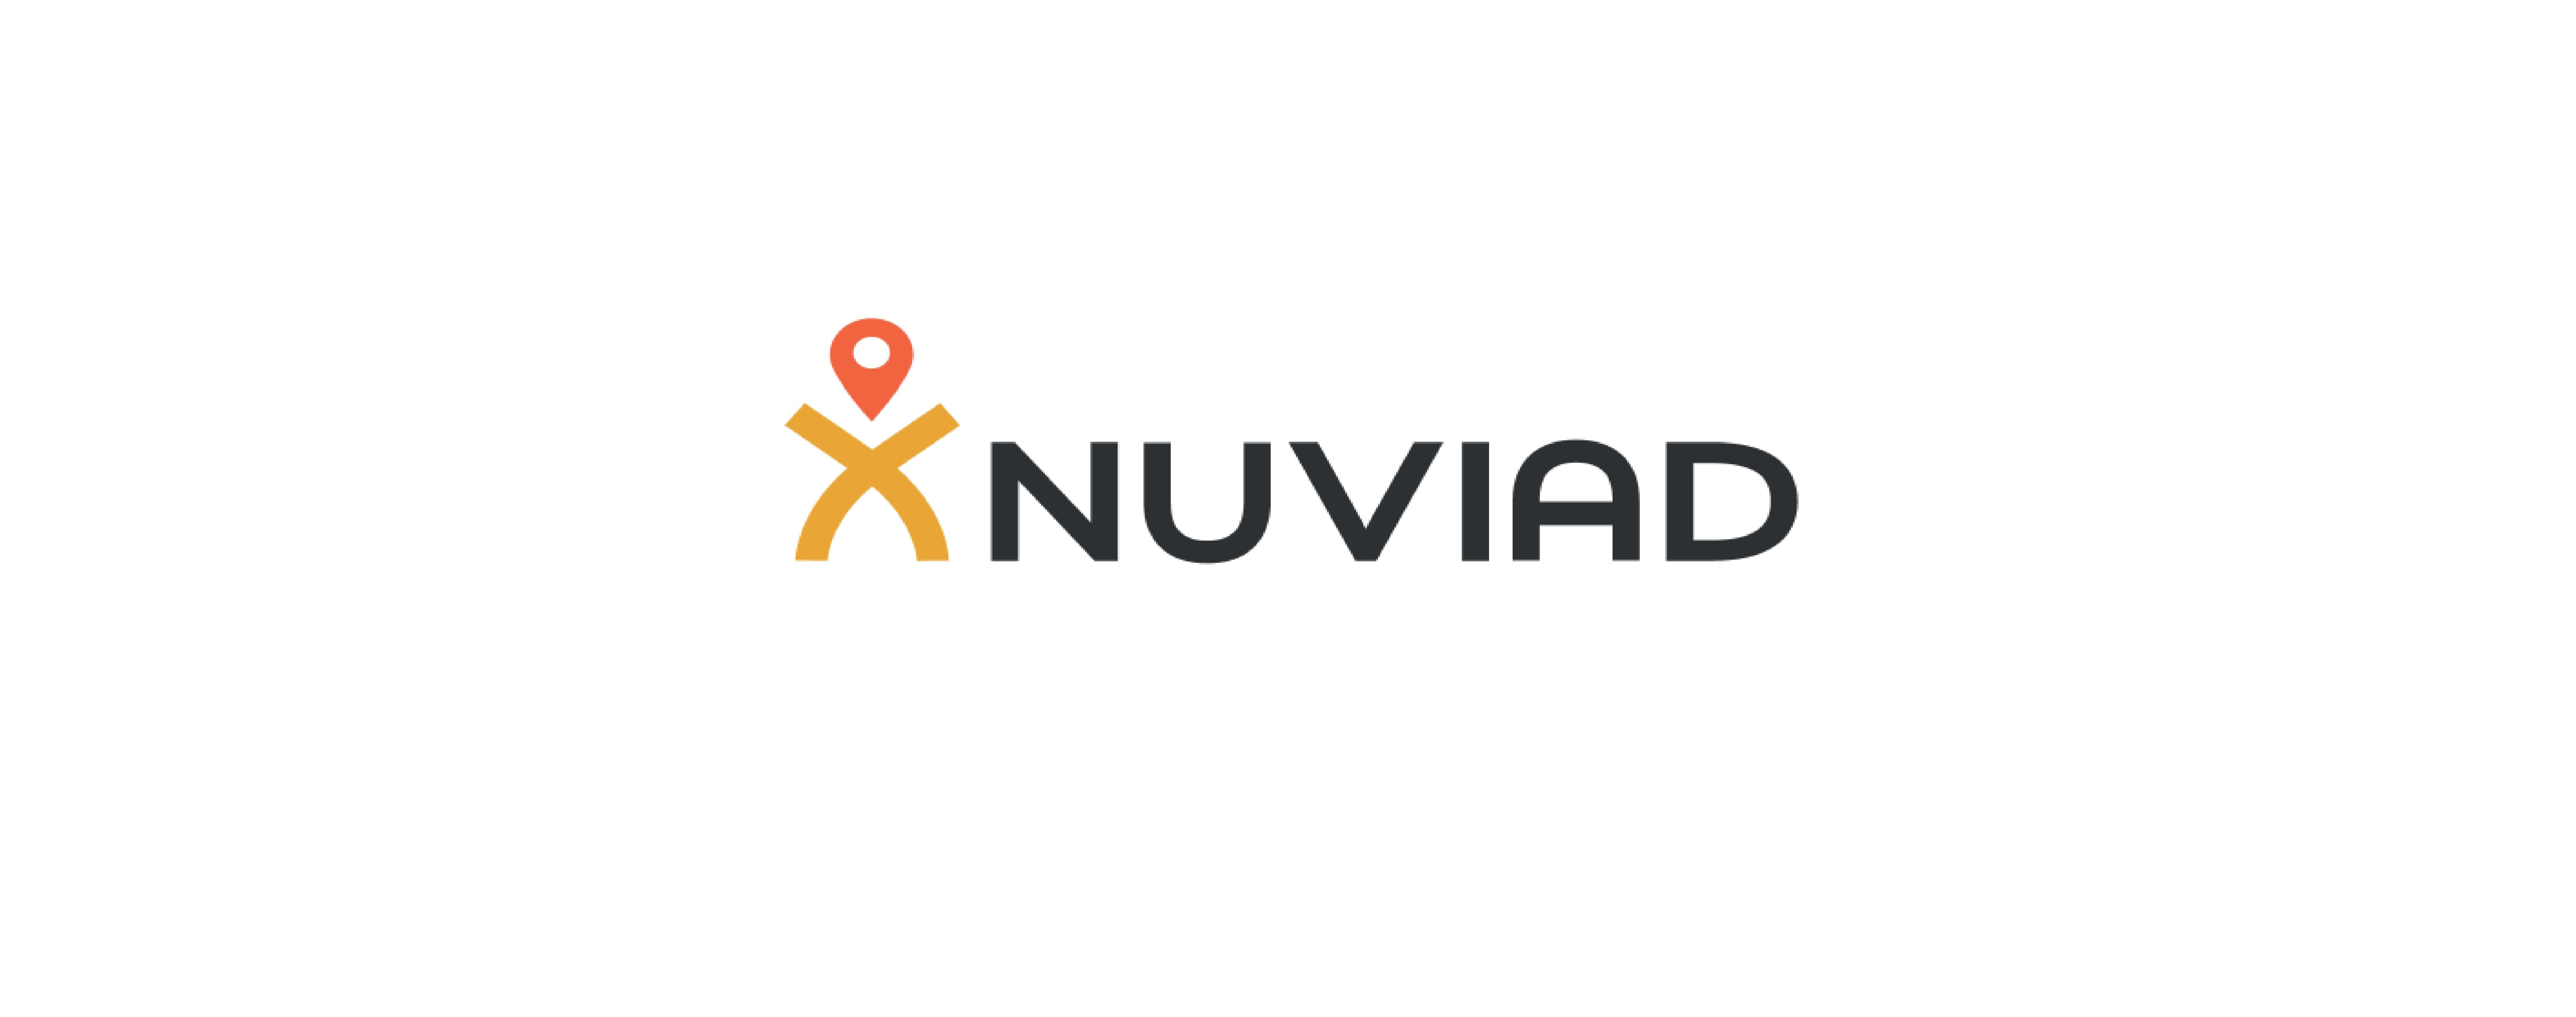 Nuviad